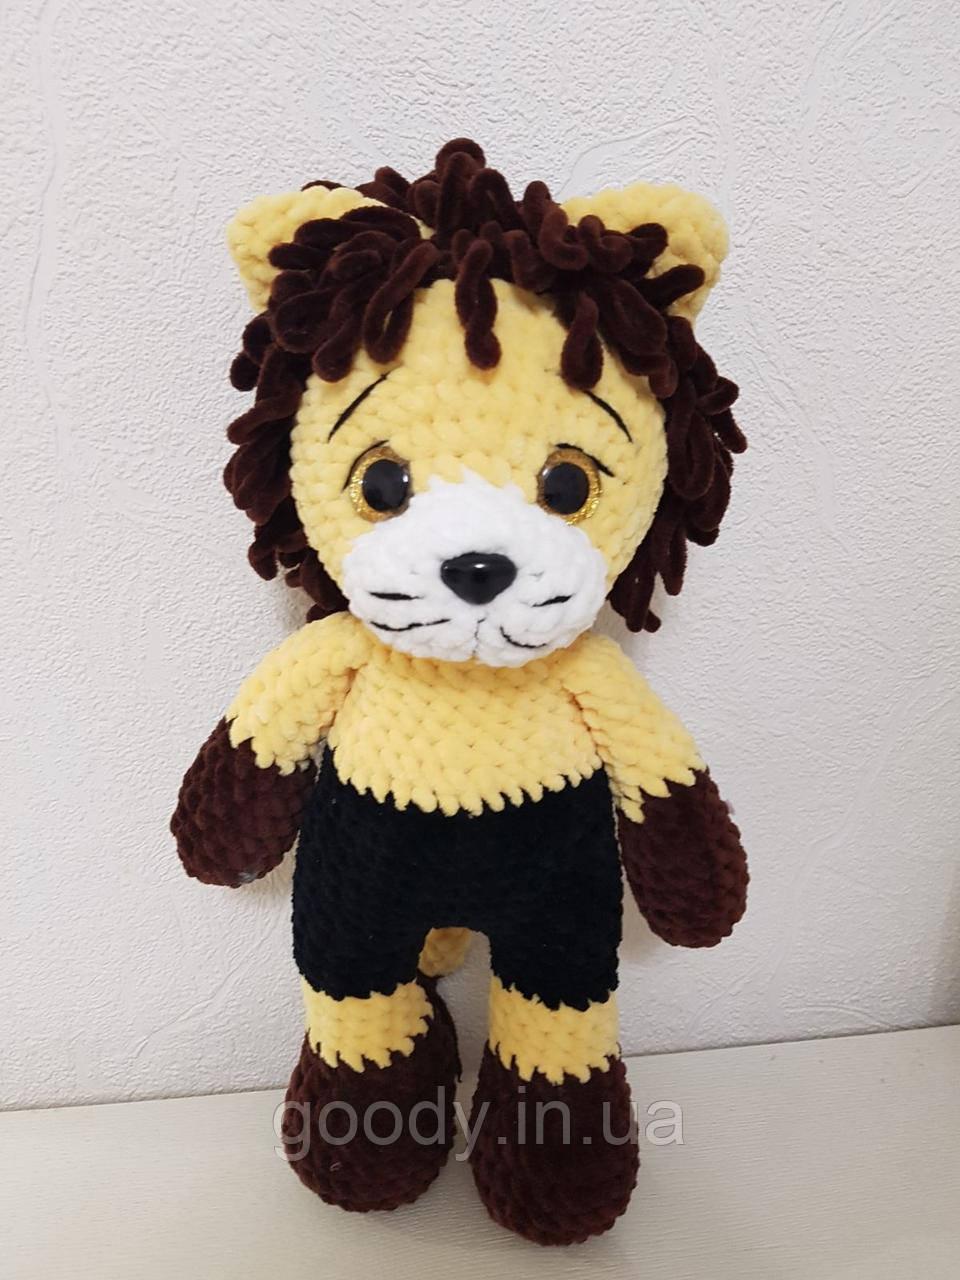 М'яка іграшка лев із плюшевої пряжі 40 cm